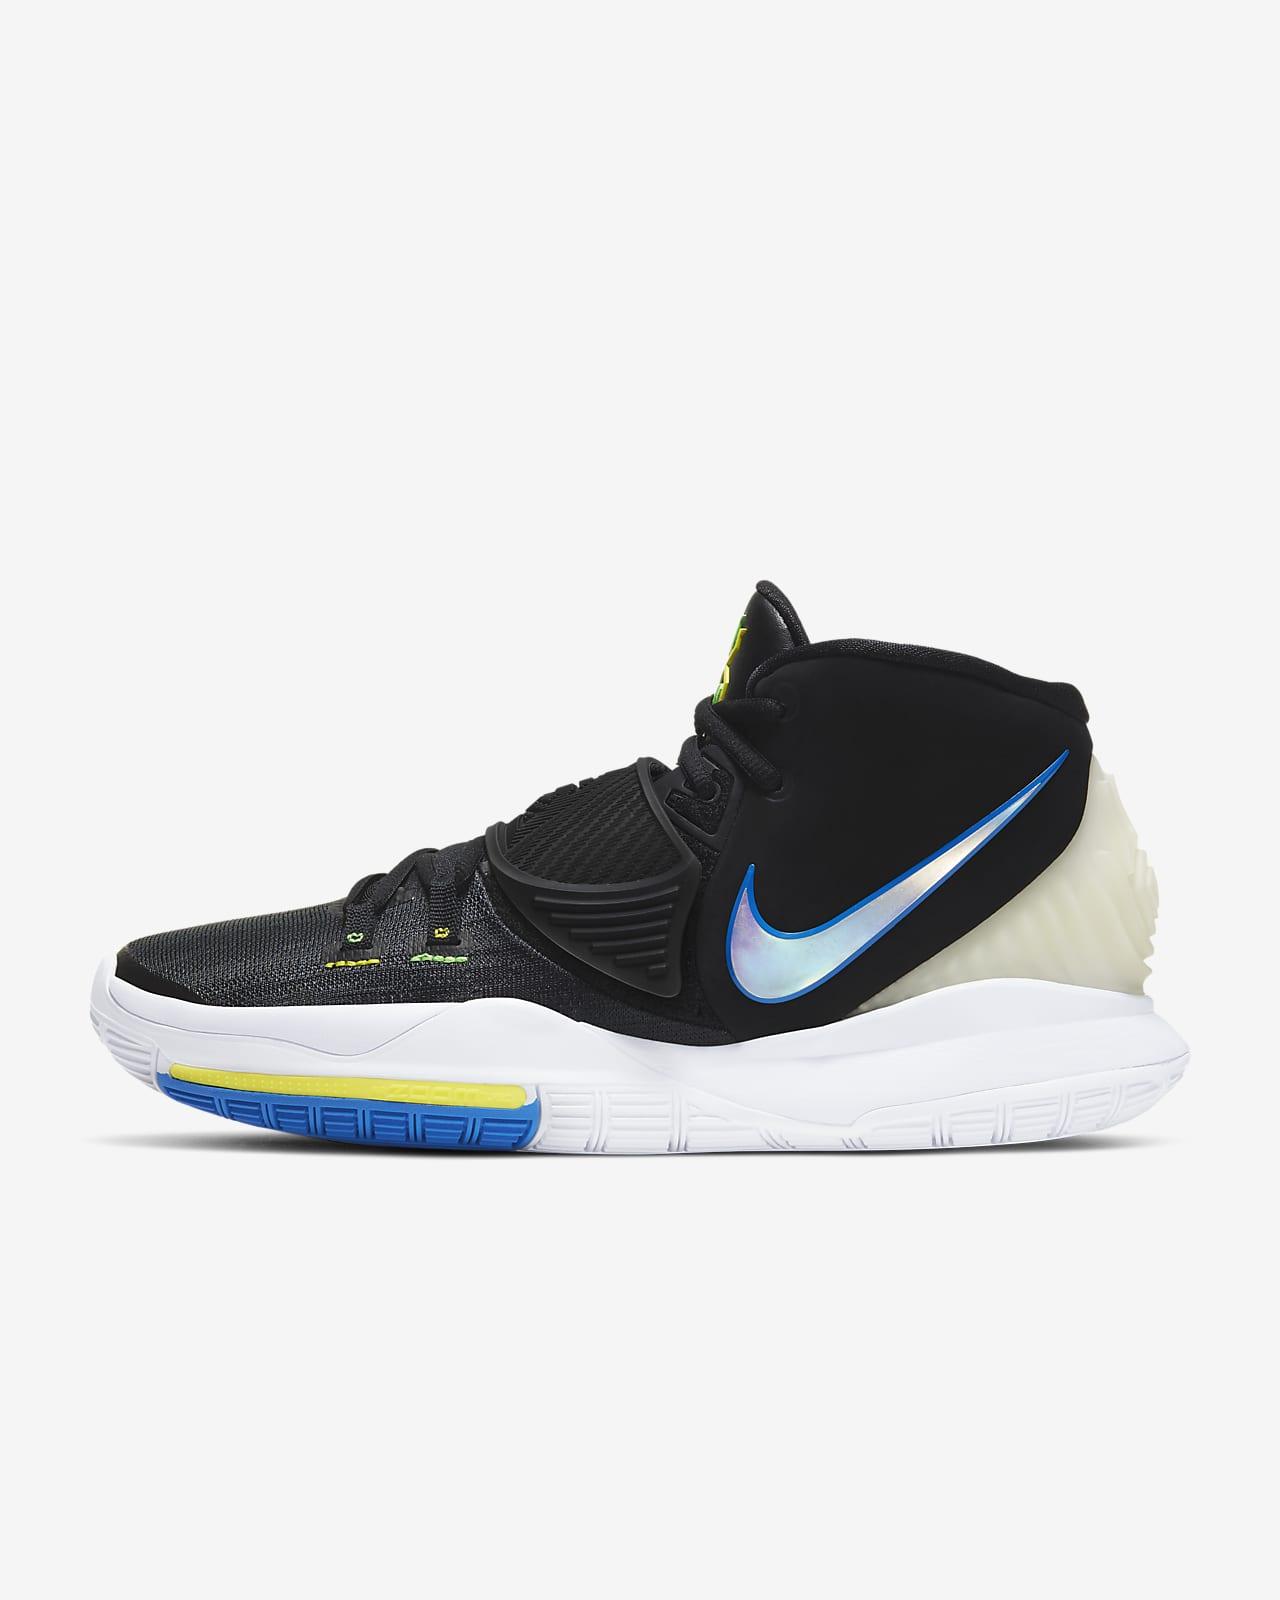 Chaussure de basketball Kyrie 6 « Shutter Shades »